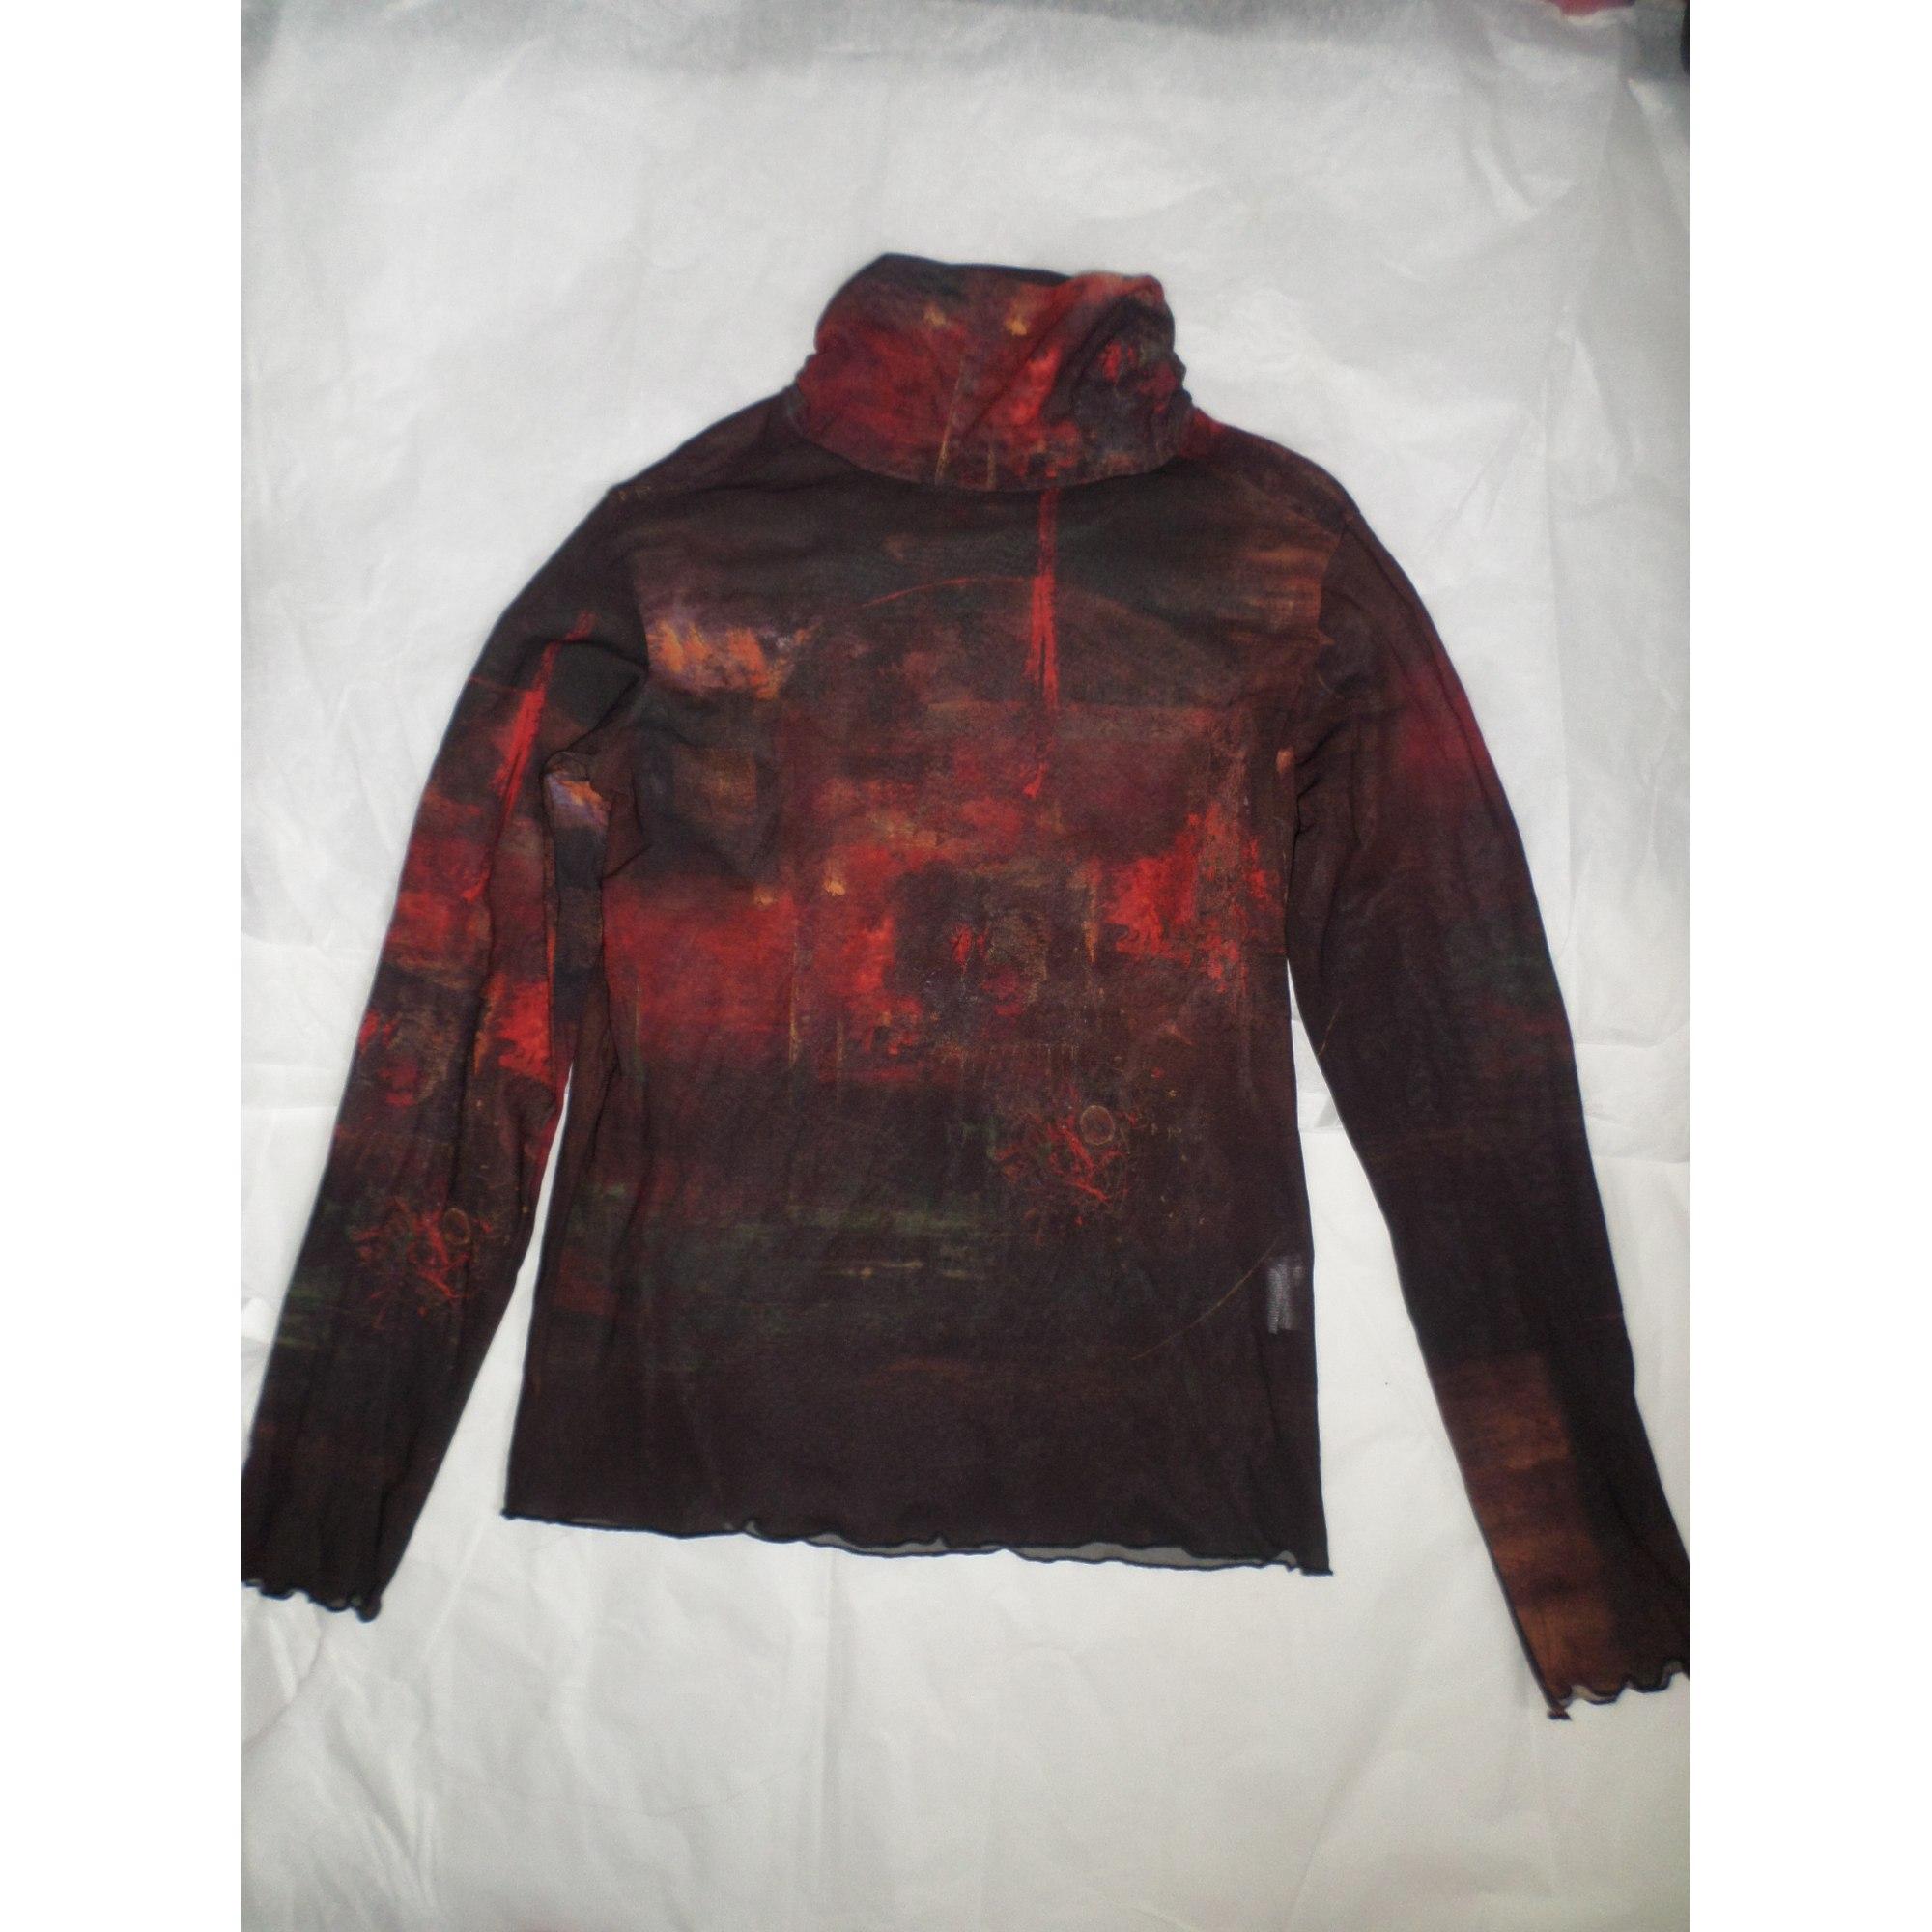 Top, tee-shirt AVENTURES DES TOILES Rouge, bordeaux